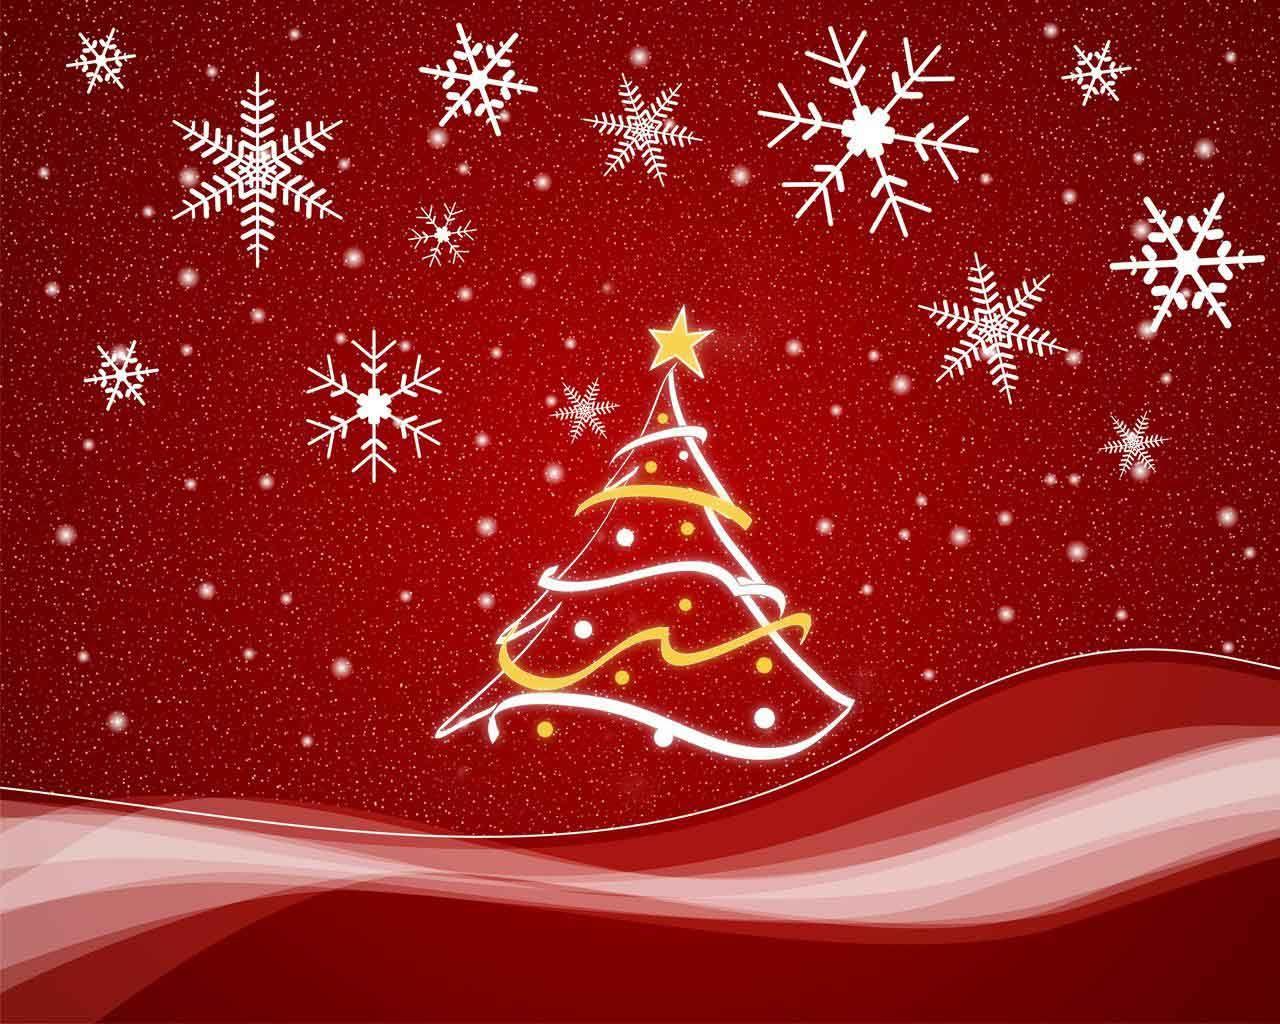 Pretty | Christmas wallpaper, Christmas ...